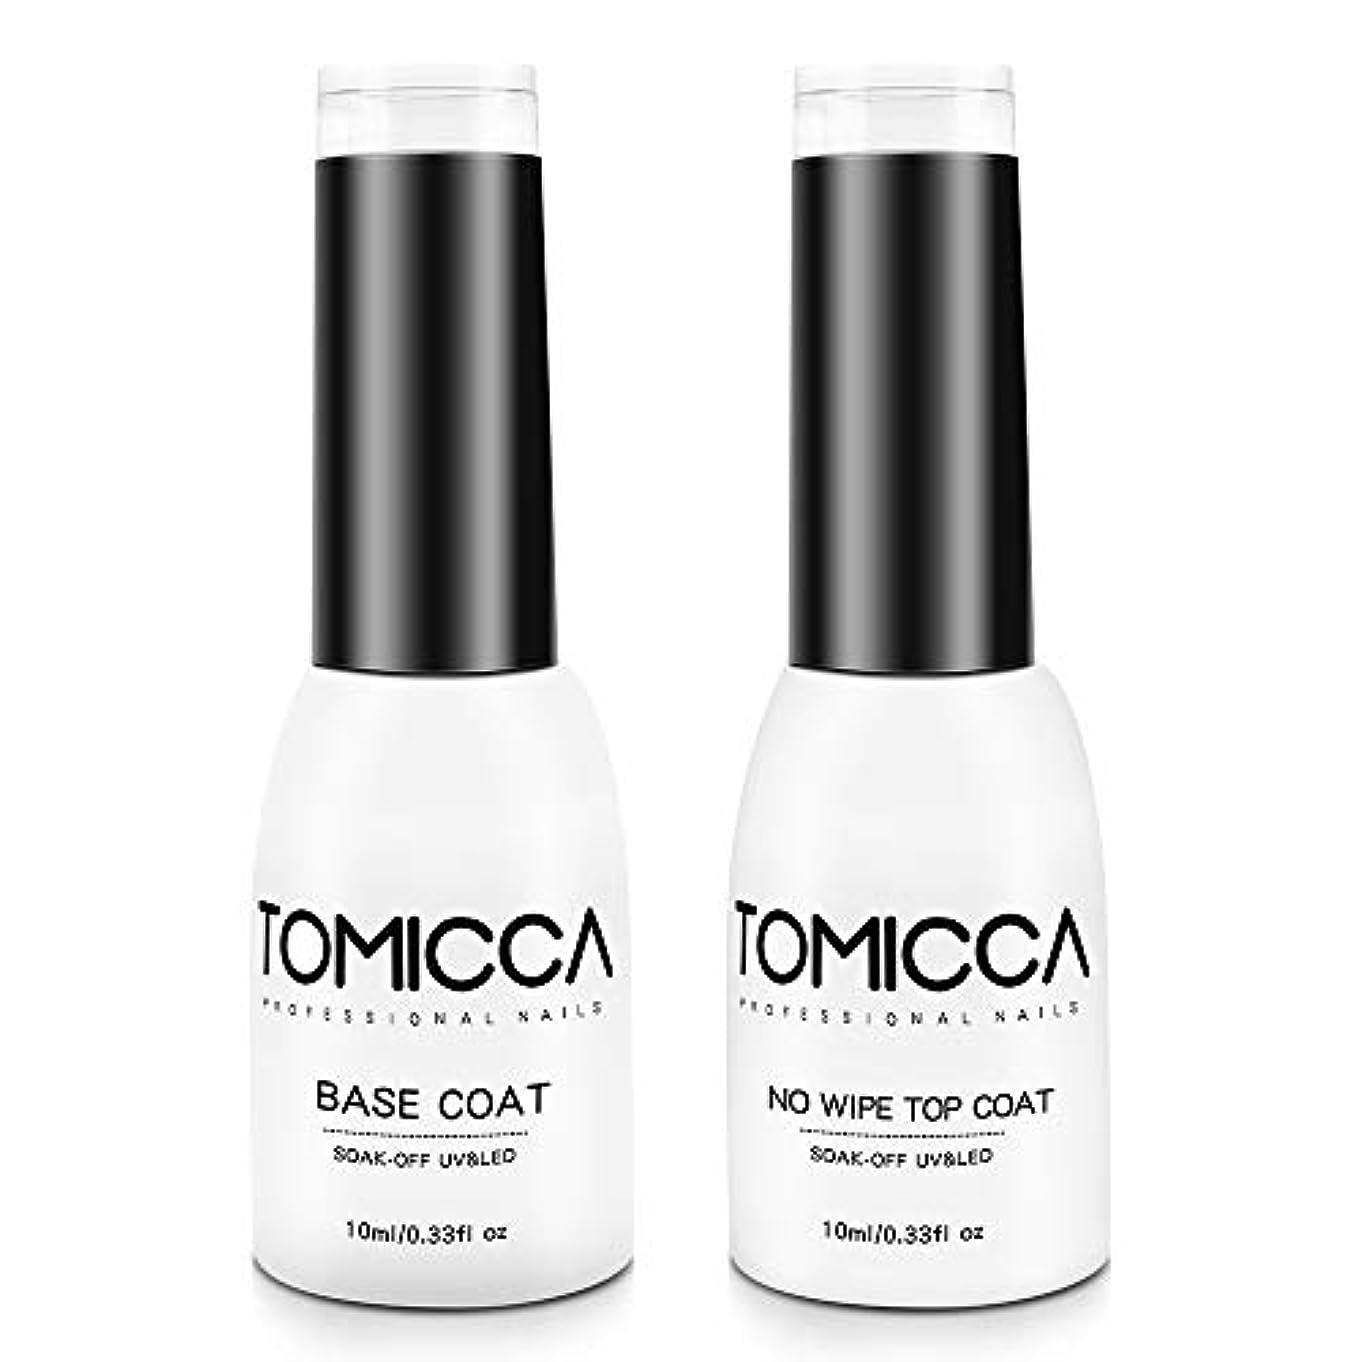 ばか櫛それからTOMICCA ジェルネイル ベースコート トップコート 10ml 2本セット 拭き取り不要 UV/LED対応 大容量 (ベース&トップコート)